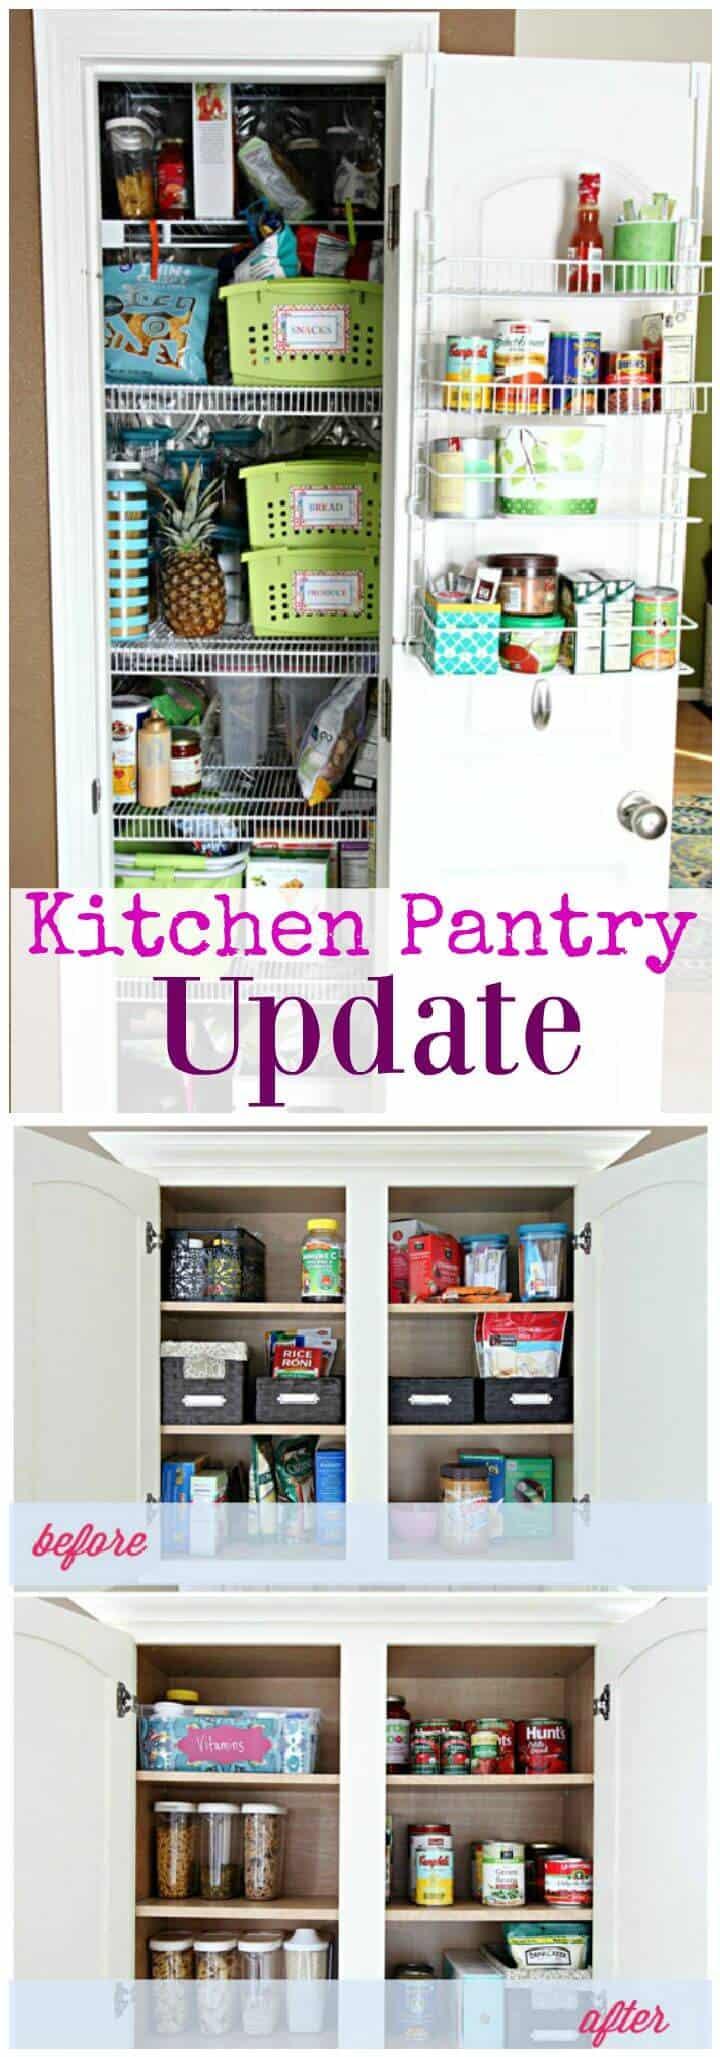 Actualización de la despensa de la cocina